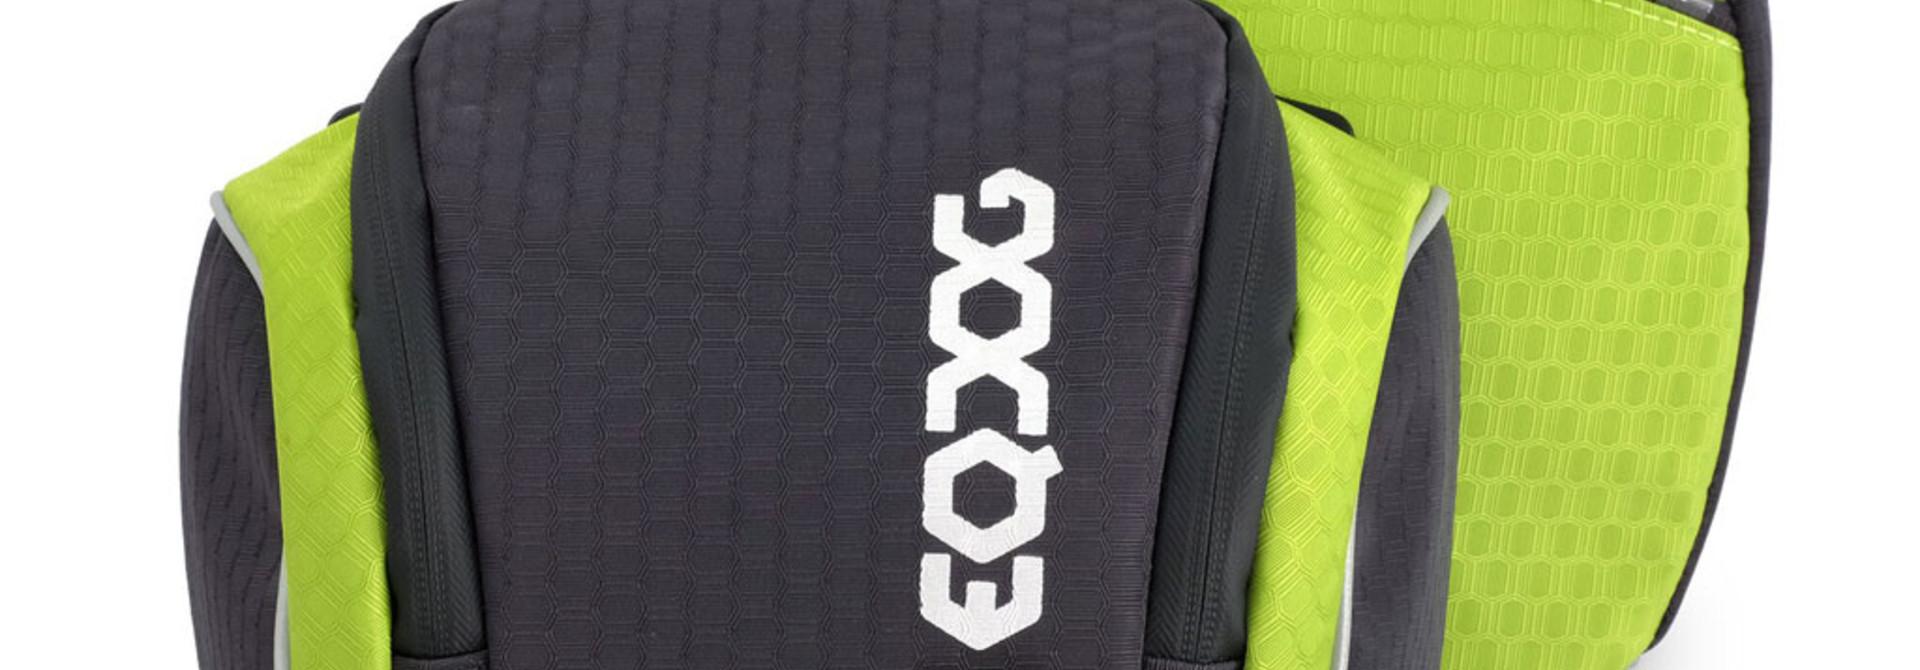 EQDOG Flex Pack Small